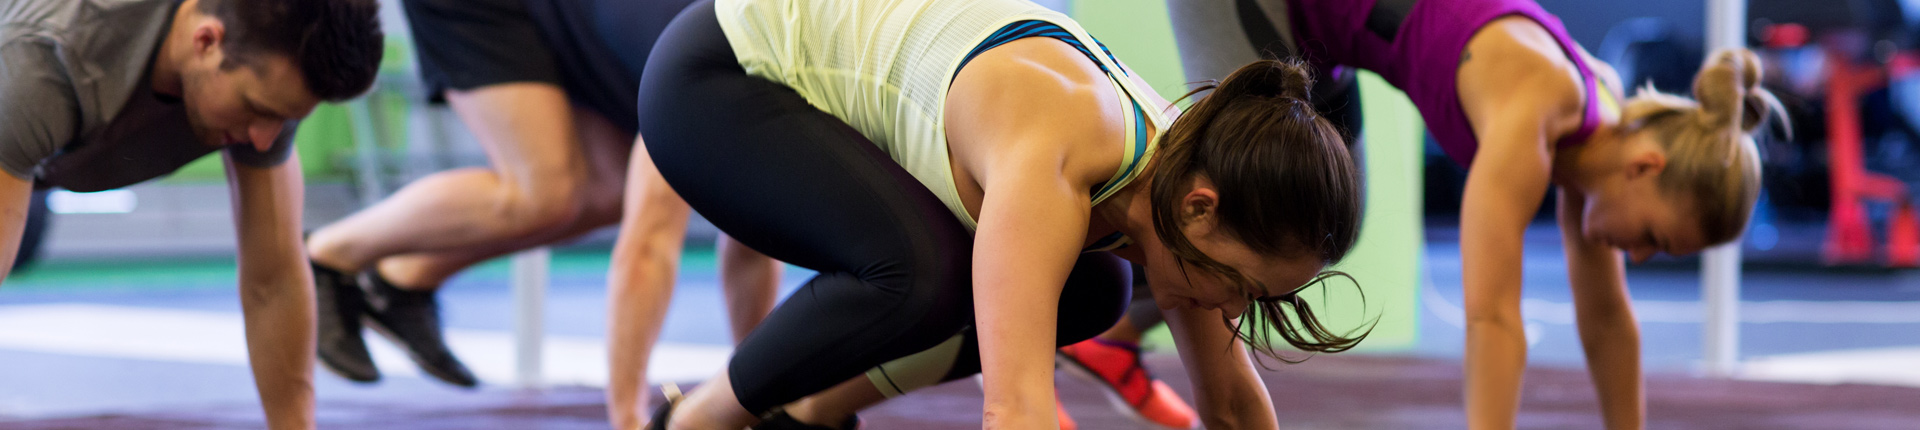 5 ćwiczeń wytrzymałościowych dla kobiet